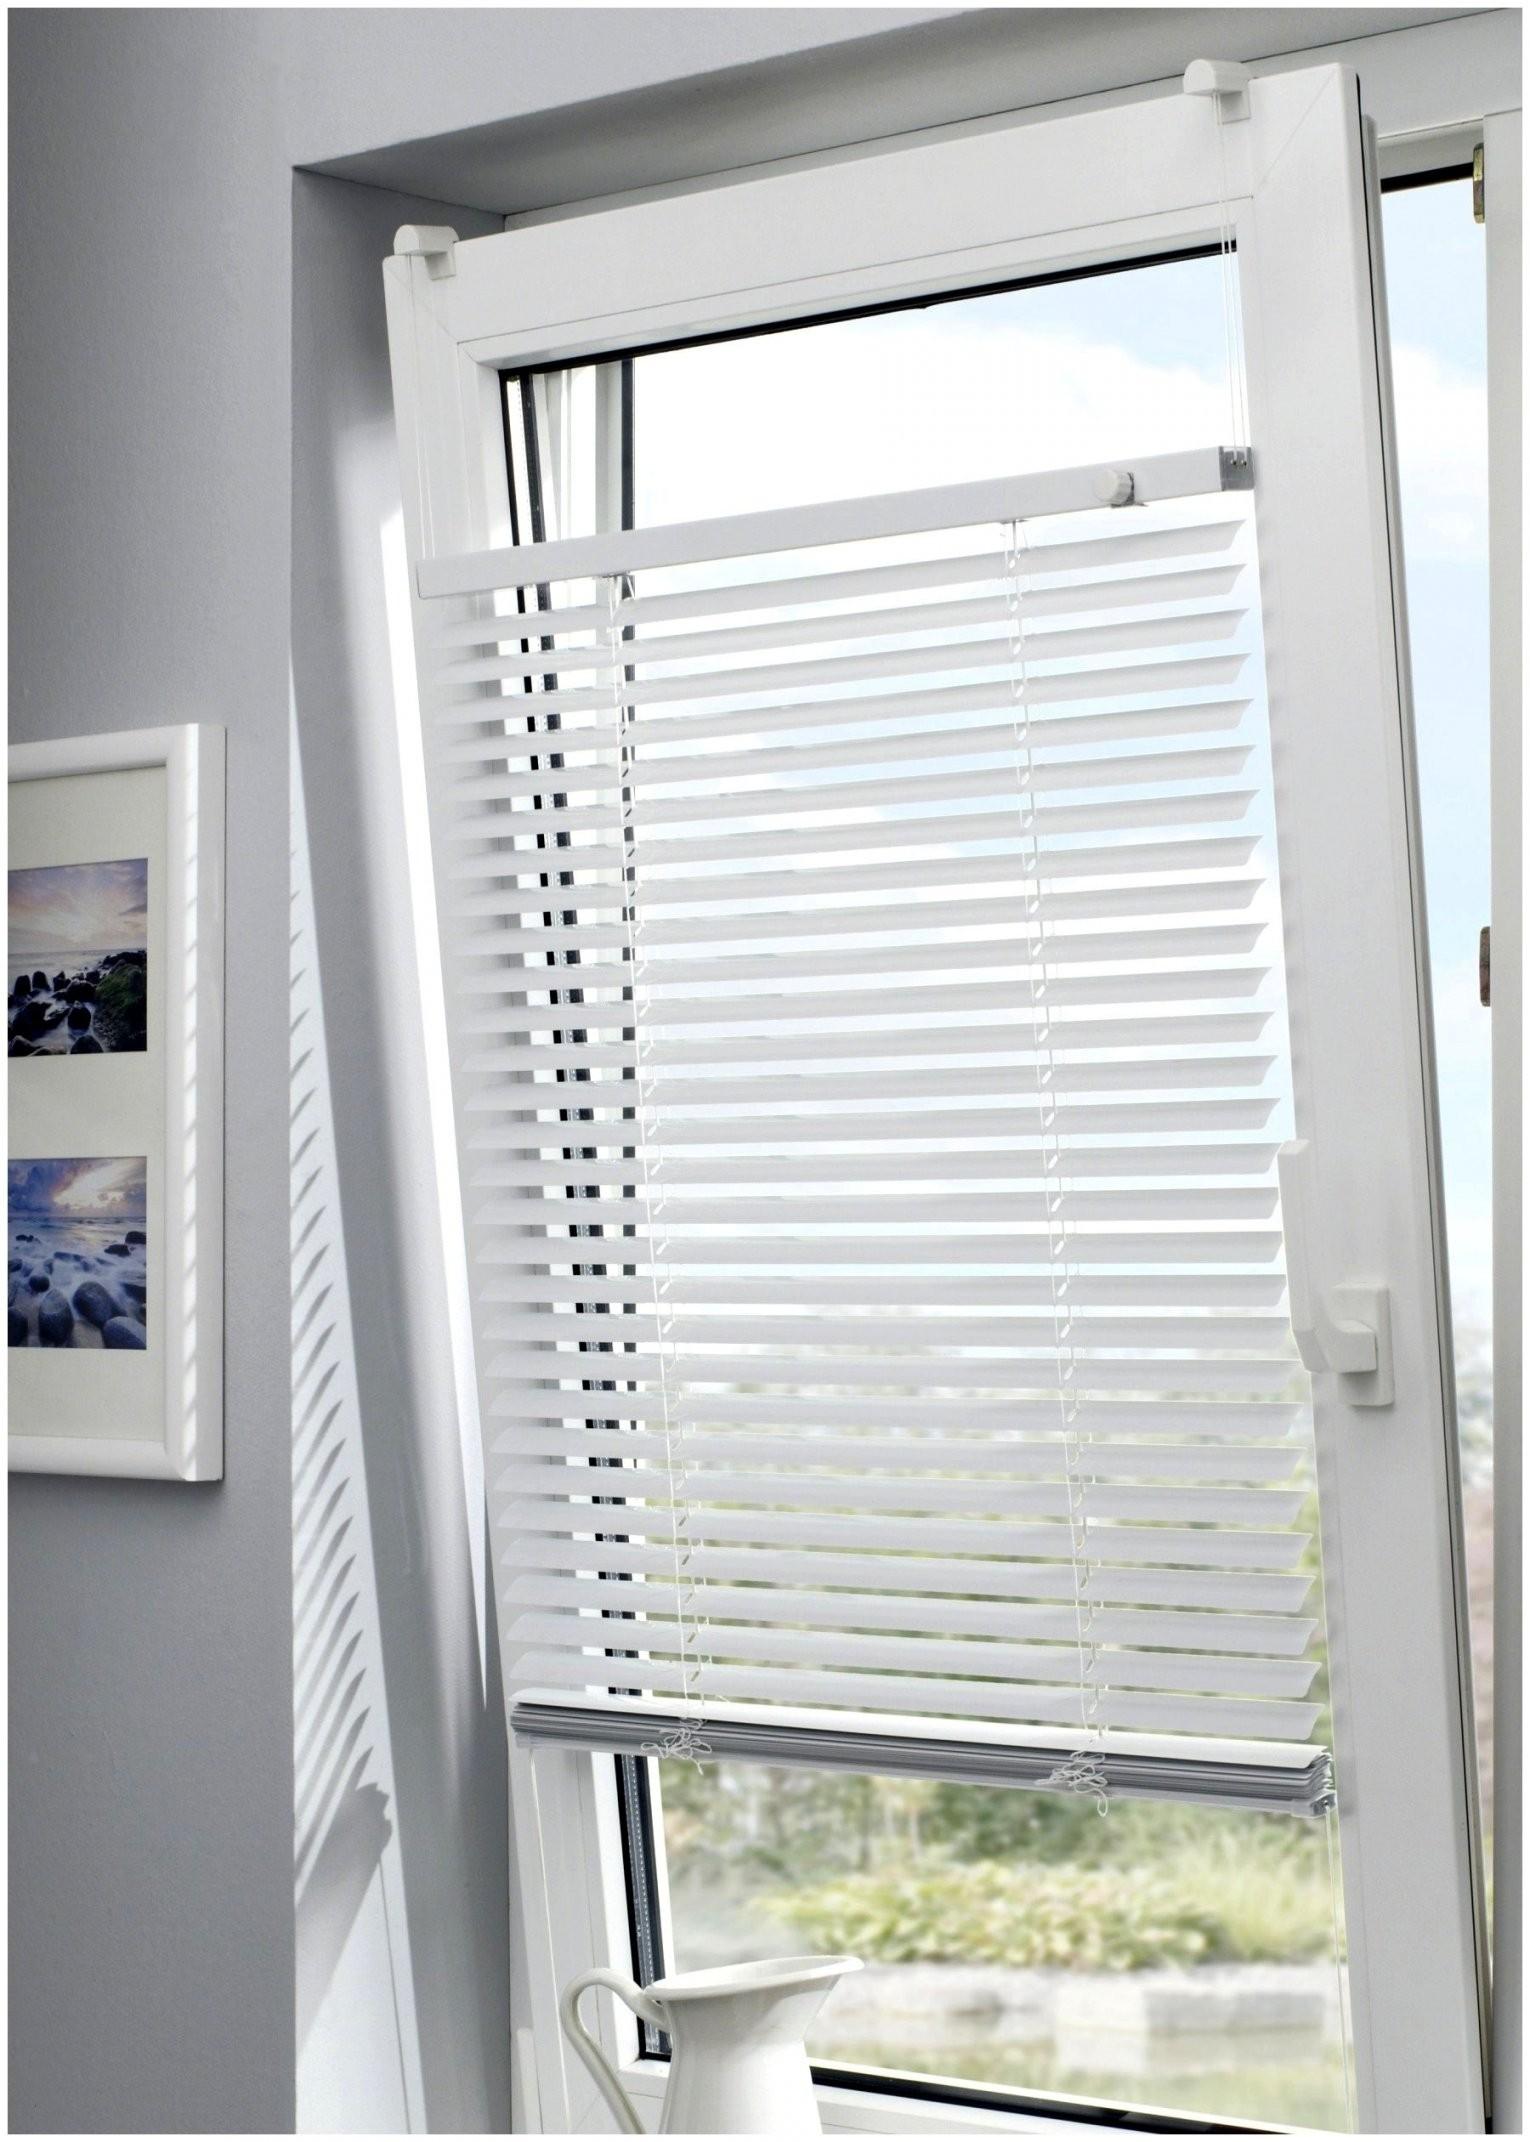 Schön Fenster Jalousien Innen Fensterrahmen  Lapetitemaisonnyc von Jalousien Für Fenster Innen Photo